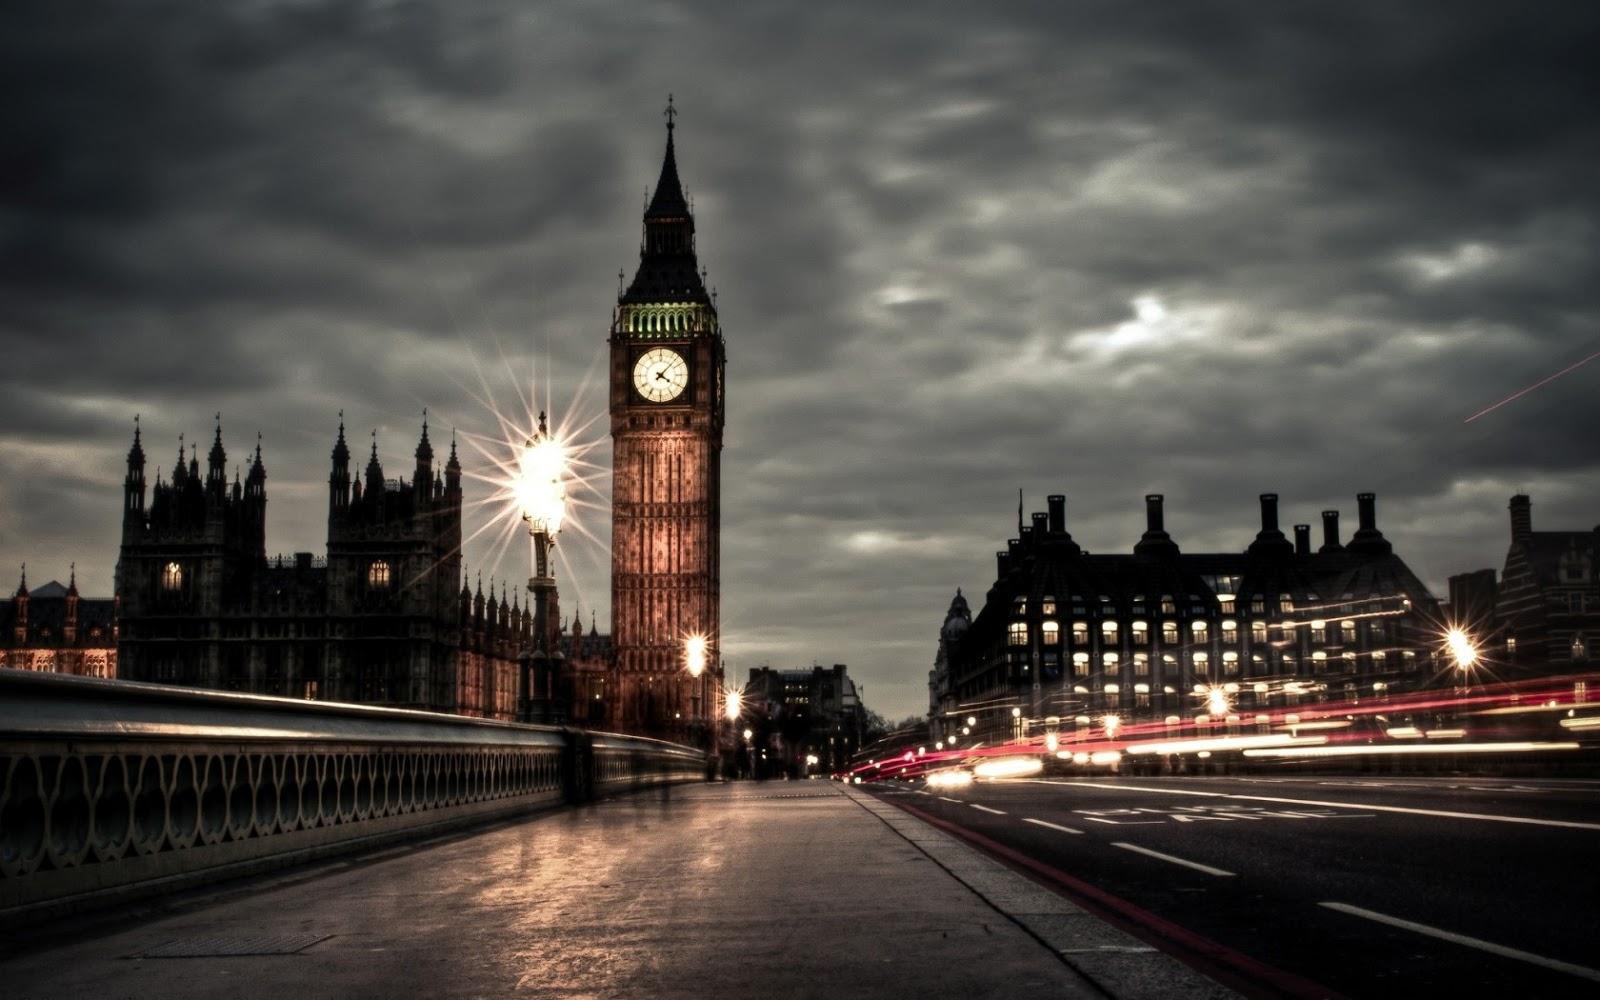 Fotos De La Ciudad De Londres En La Noche